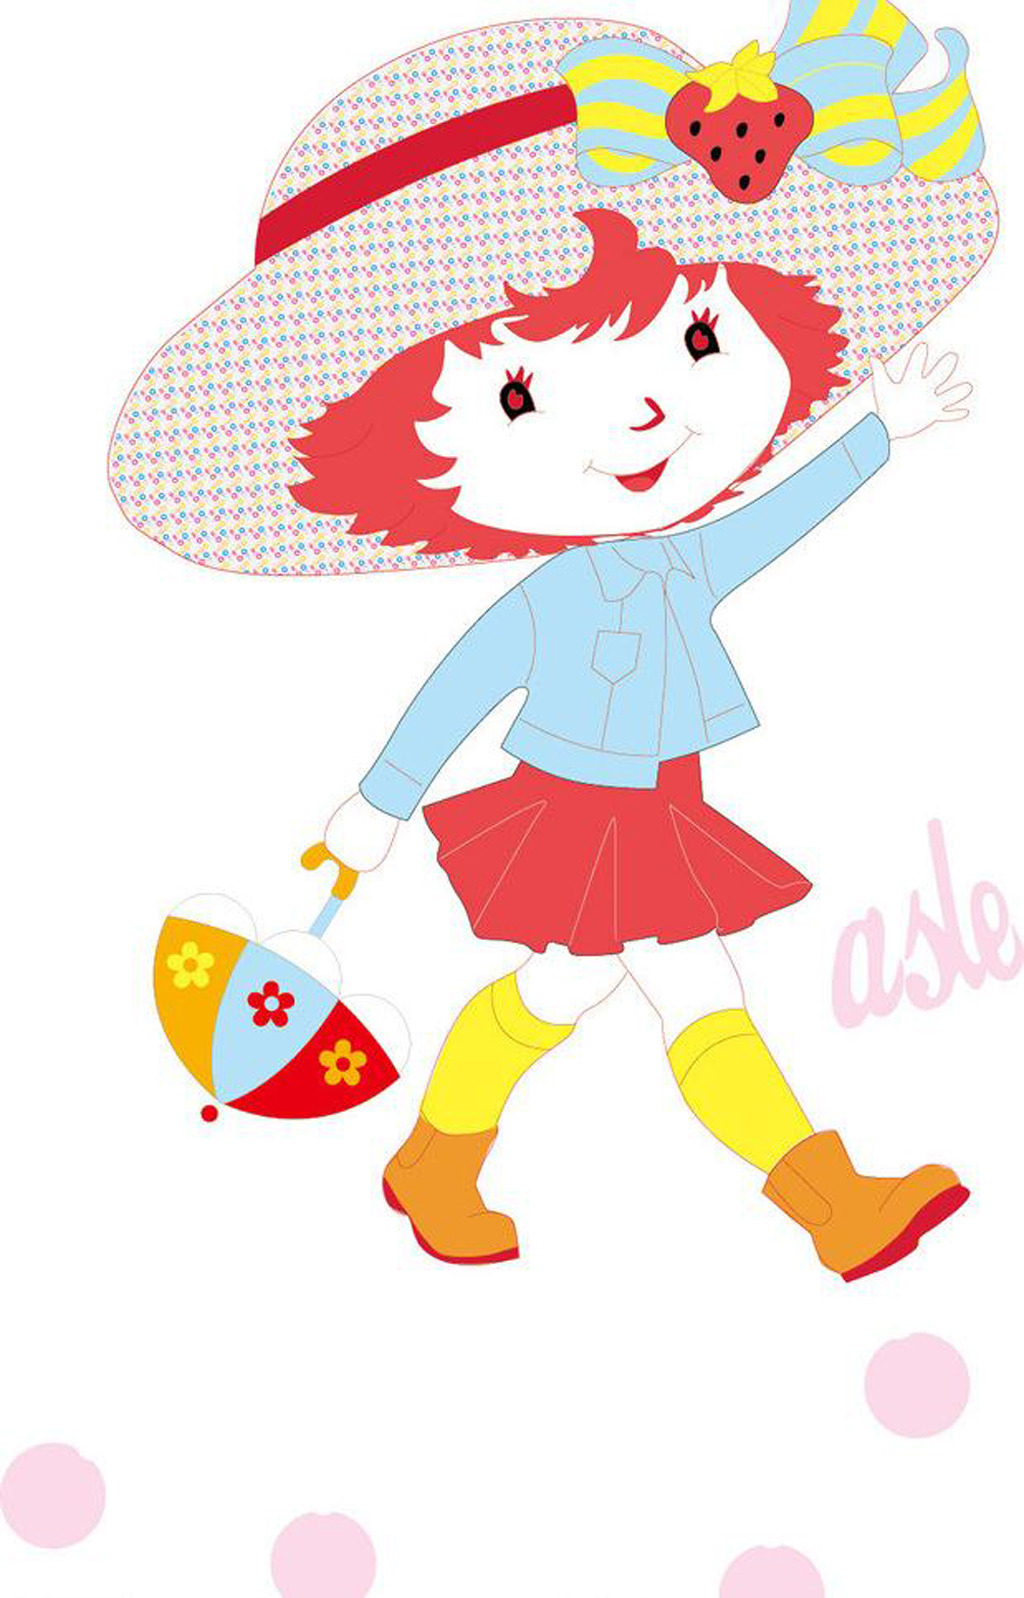 鲜花 儿童 卡通 卡通人物 创意插画 插画 创意 创意设计 印花 图案